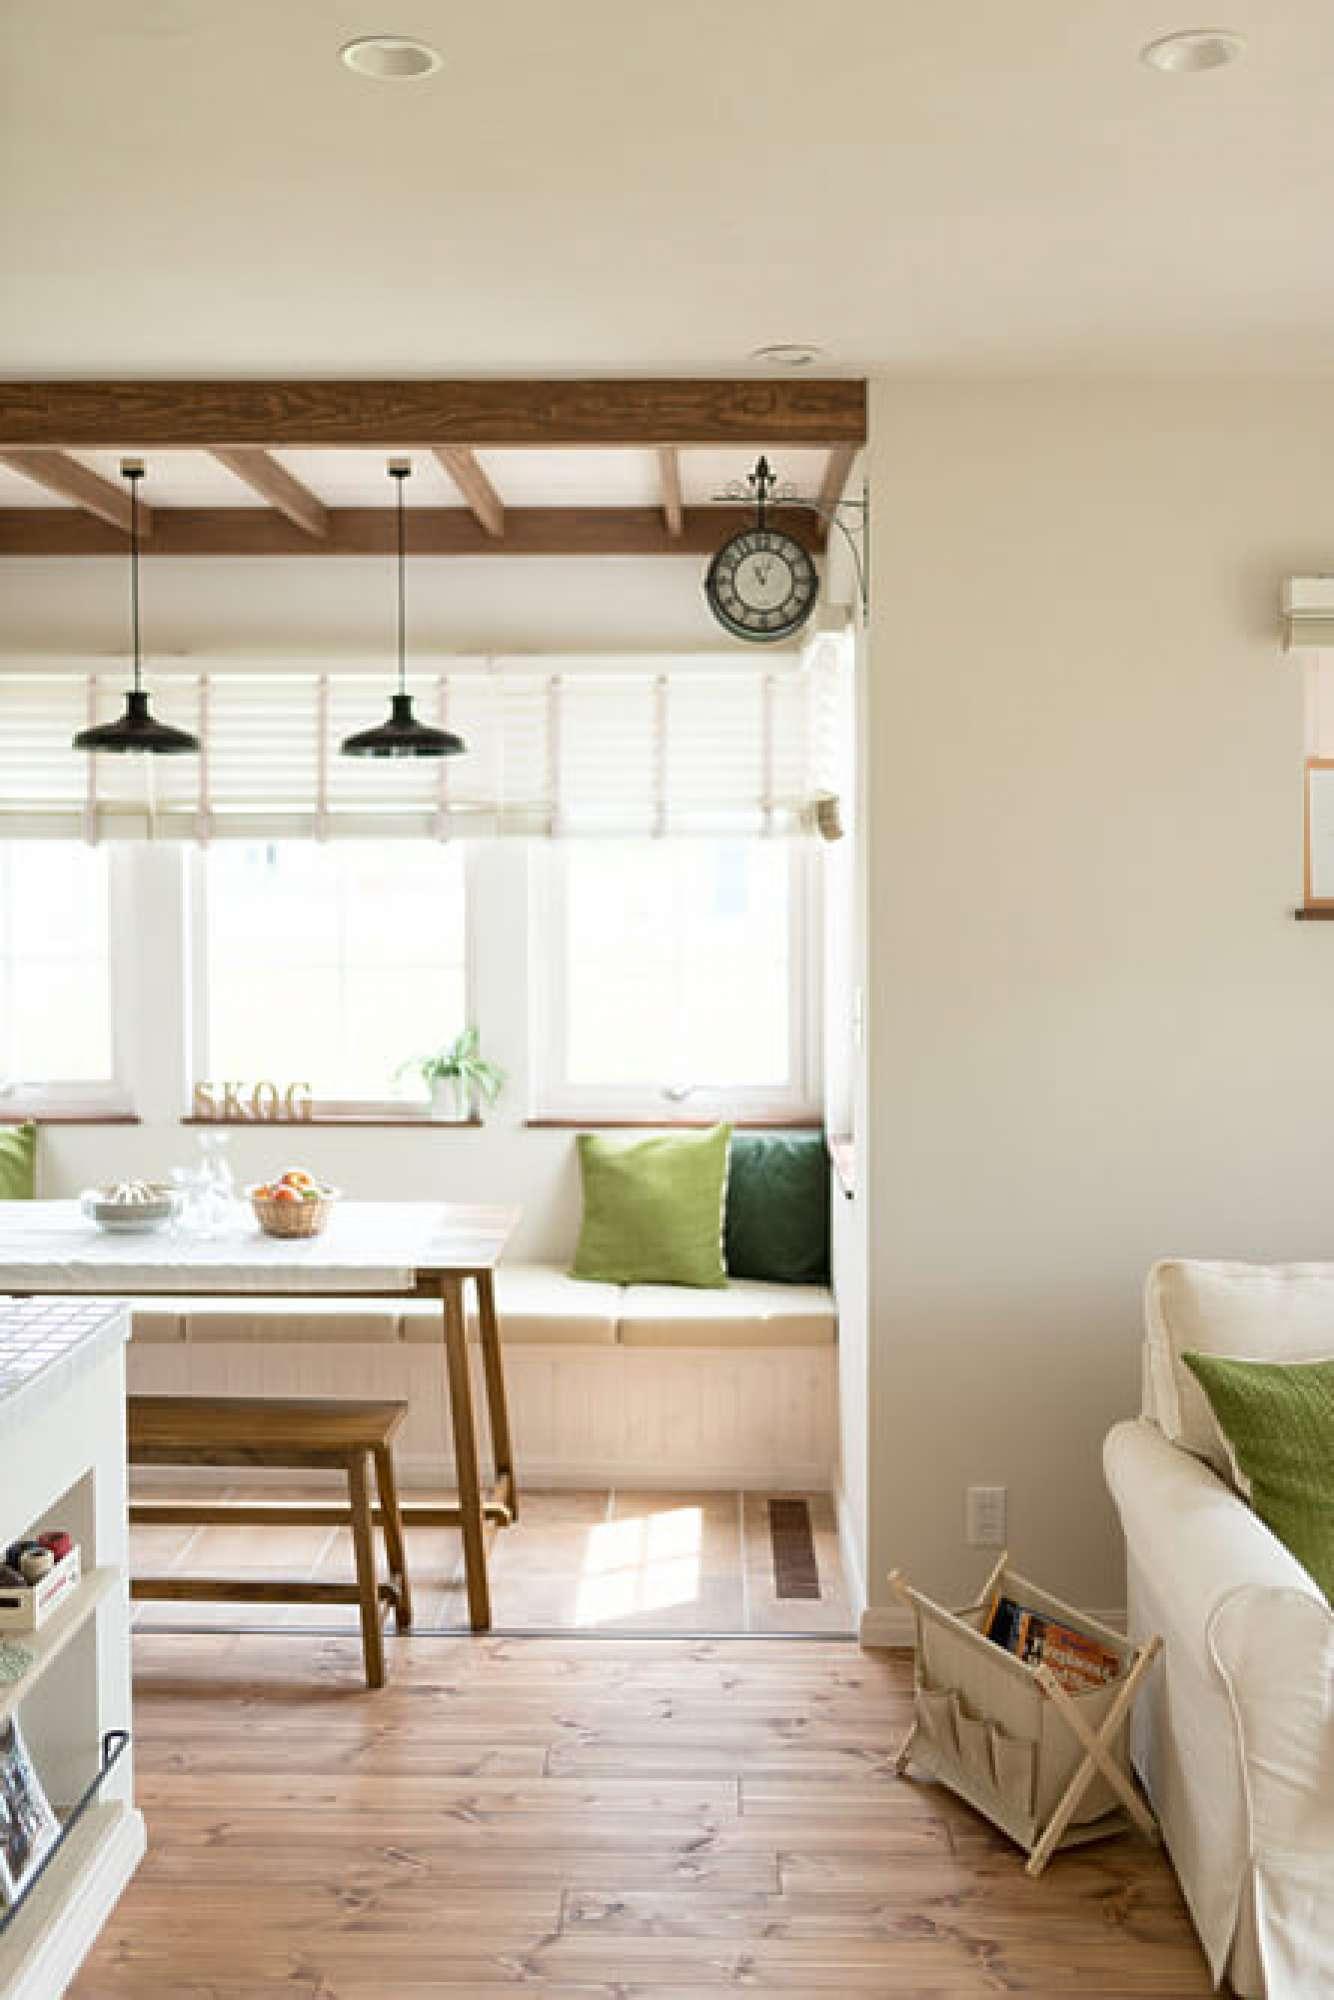 - 窓辺にあるベンチスタイルのダイニング。カフェの特別な個室に案内されたかのように、料理を楽しめる場所。 -  -